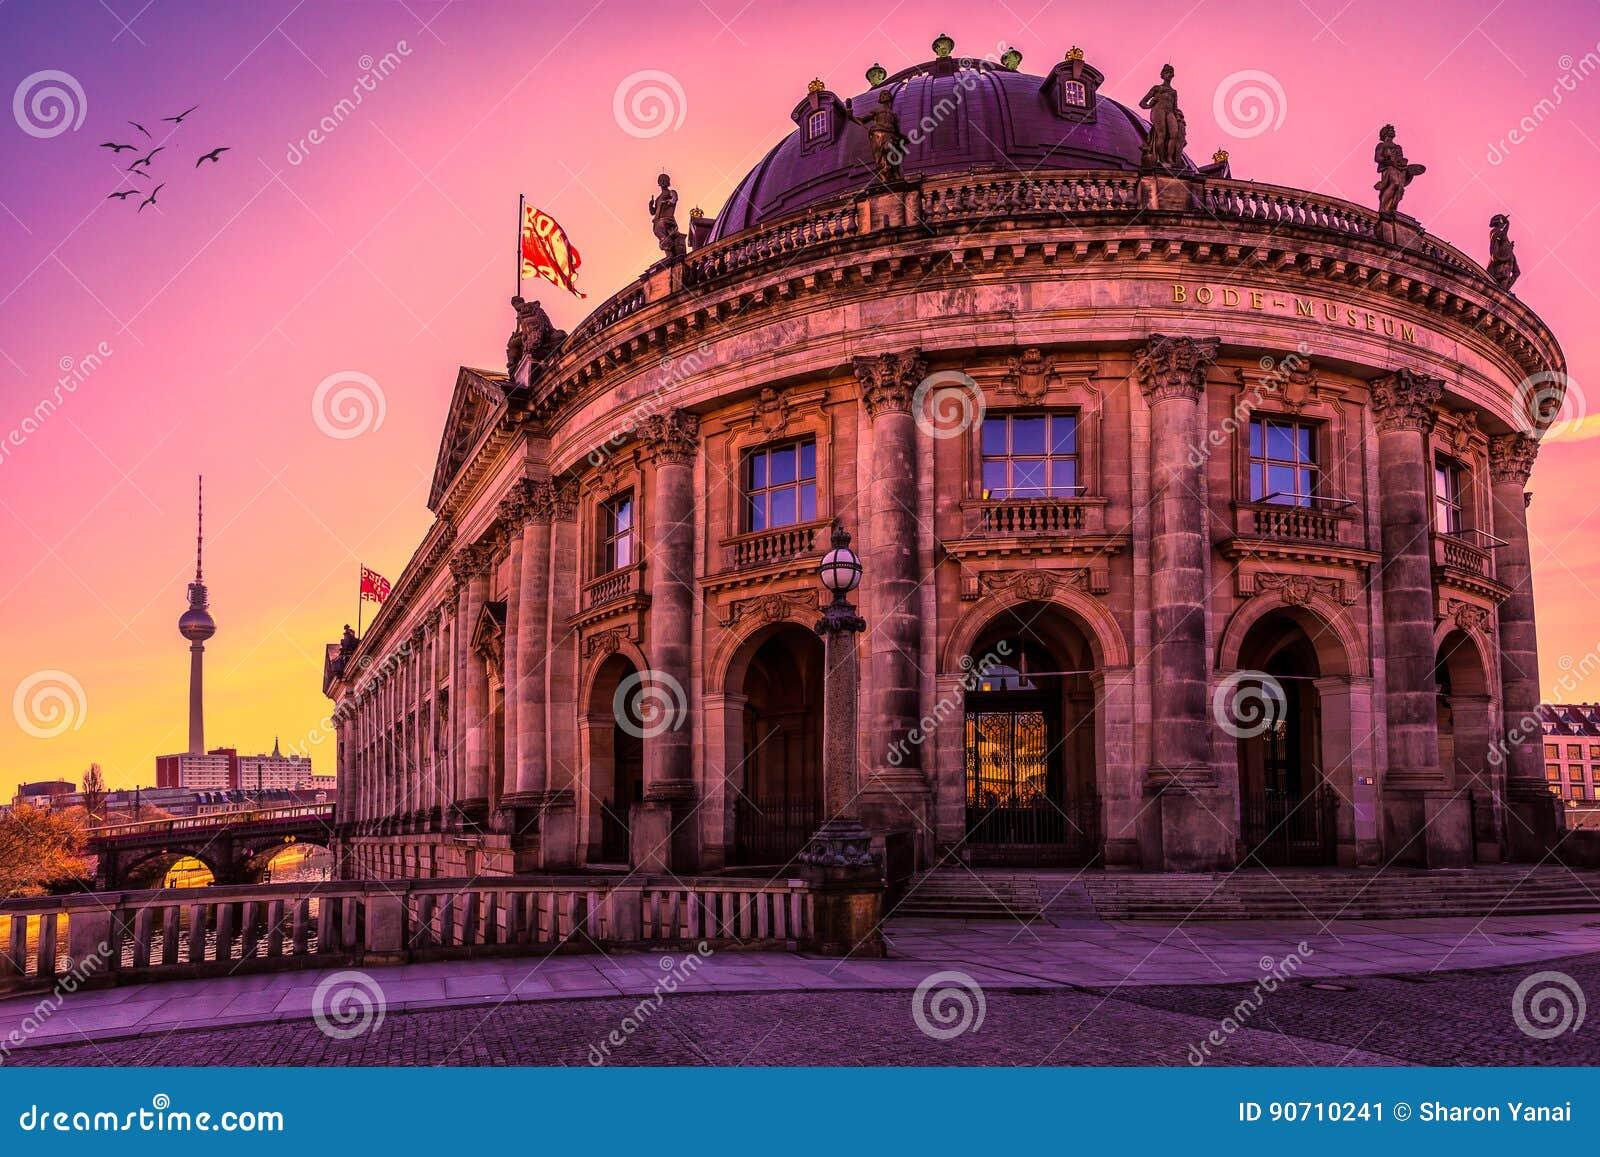 Berlin bode музей